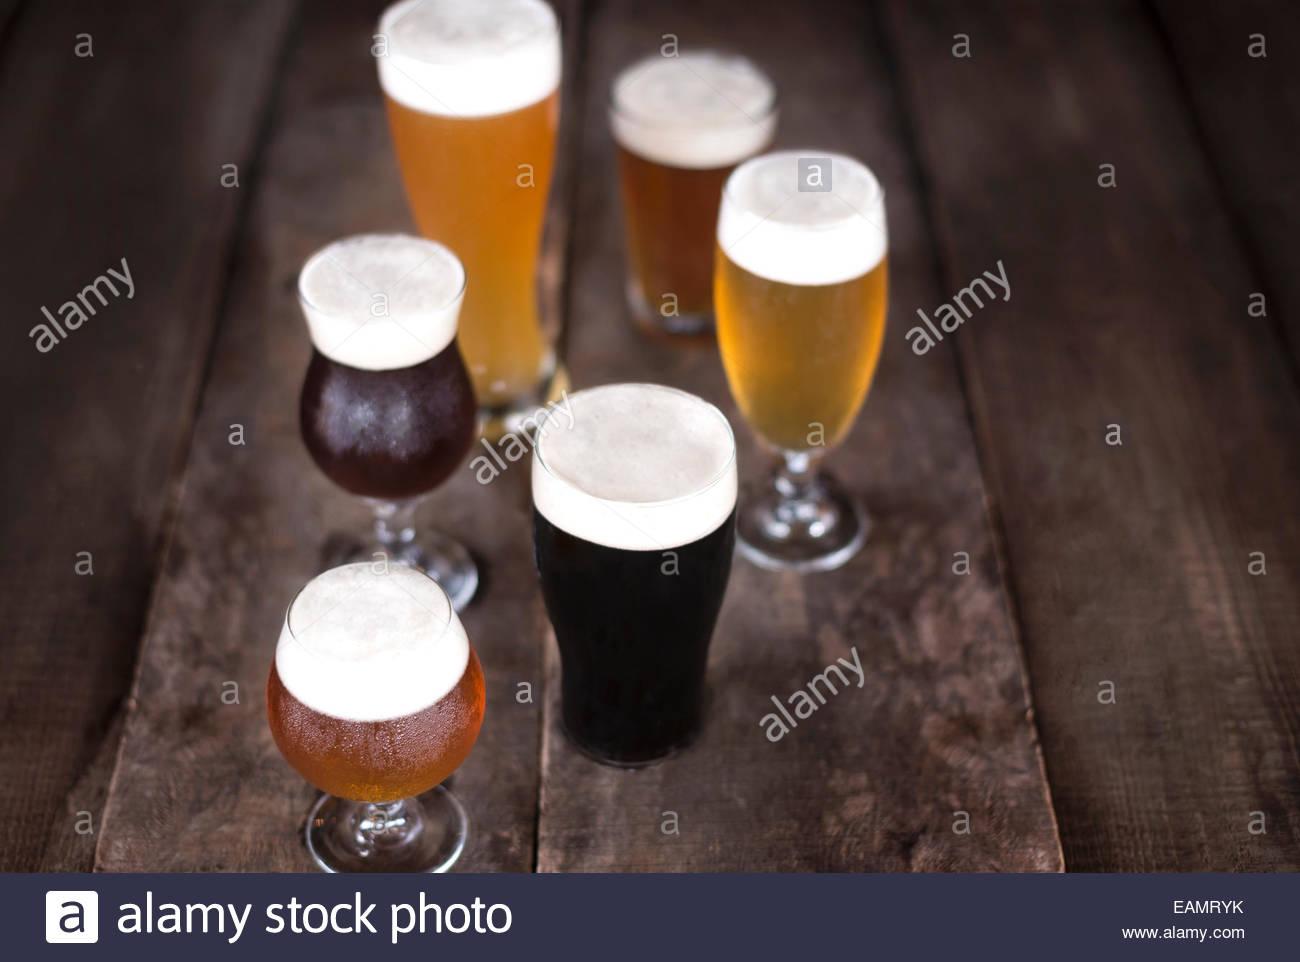 Auswahl an Bieren in einer Vielzahl von Glaswaren auf rustikale Oberfläche des Holzes. Stockbild